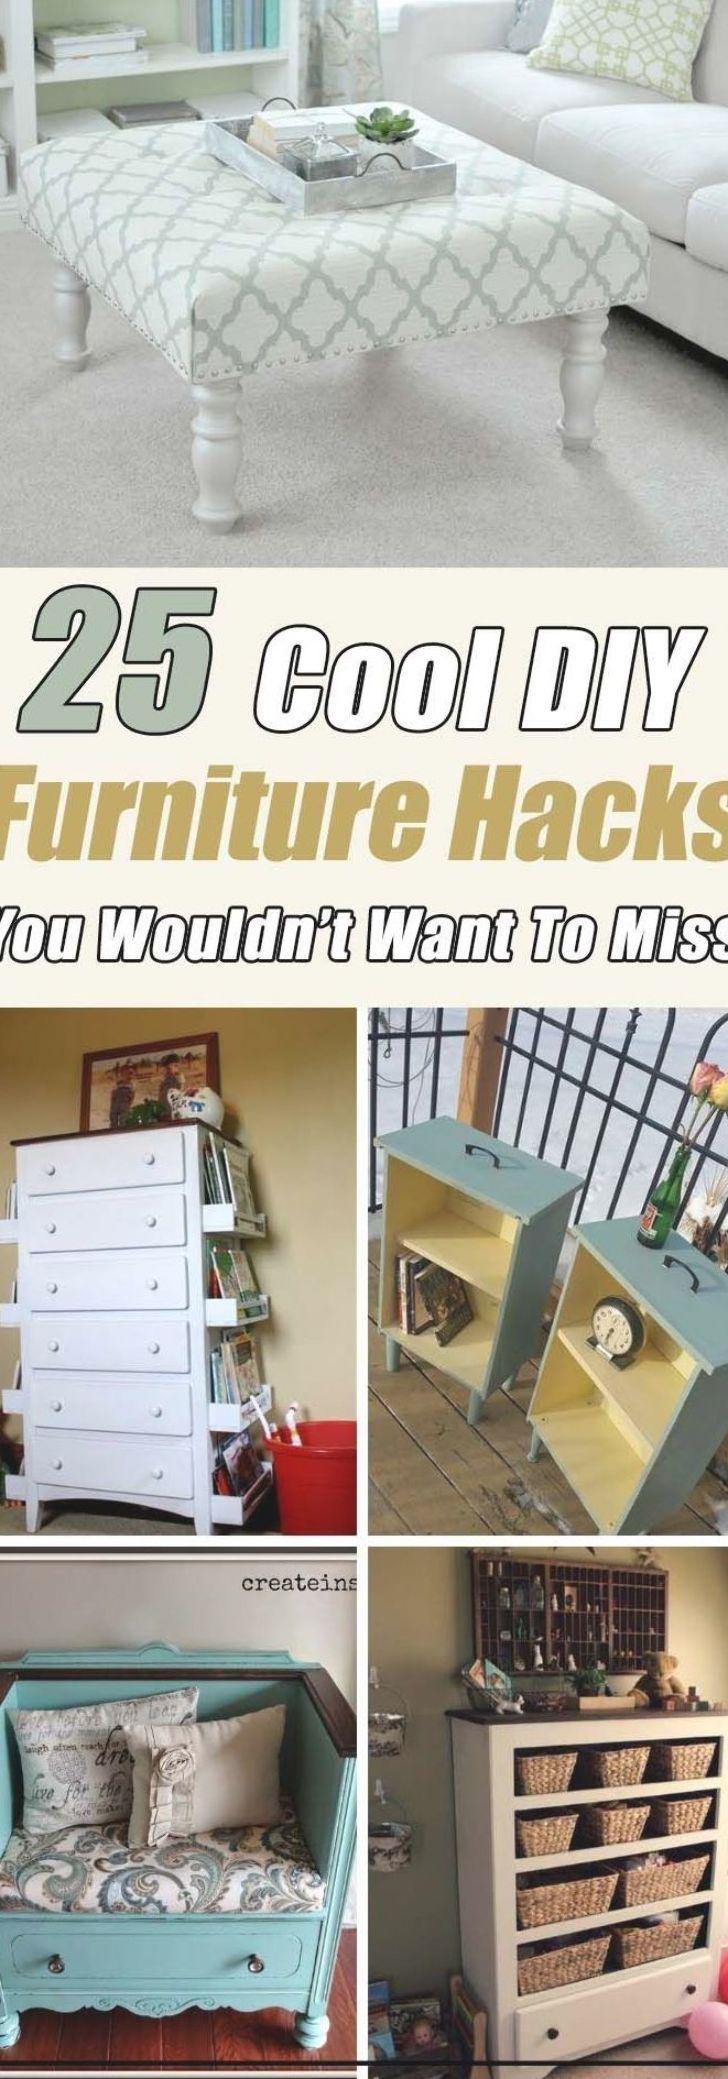 Fantastic Furniture Hacks, Makeover and Repurposed Items #diy #furniture #makeover #repurpose #decorhomeideas